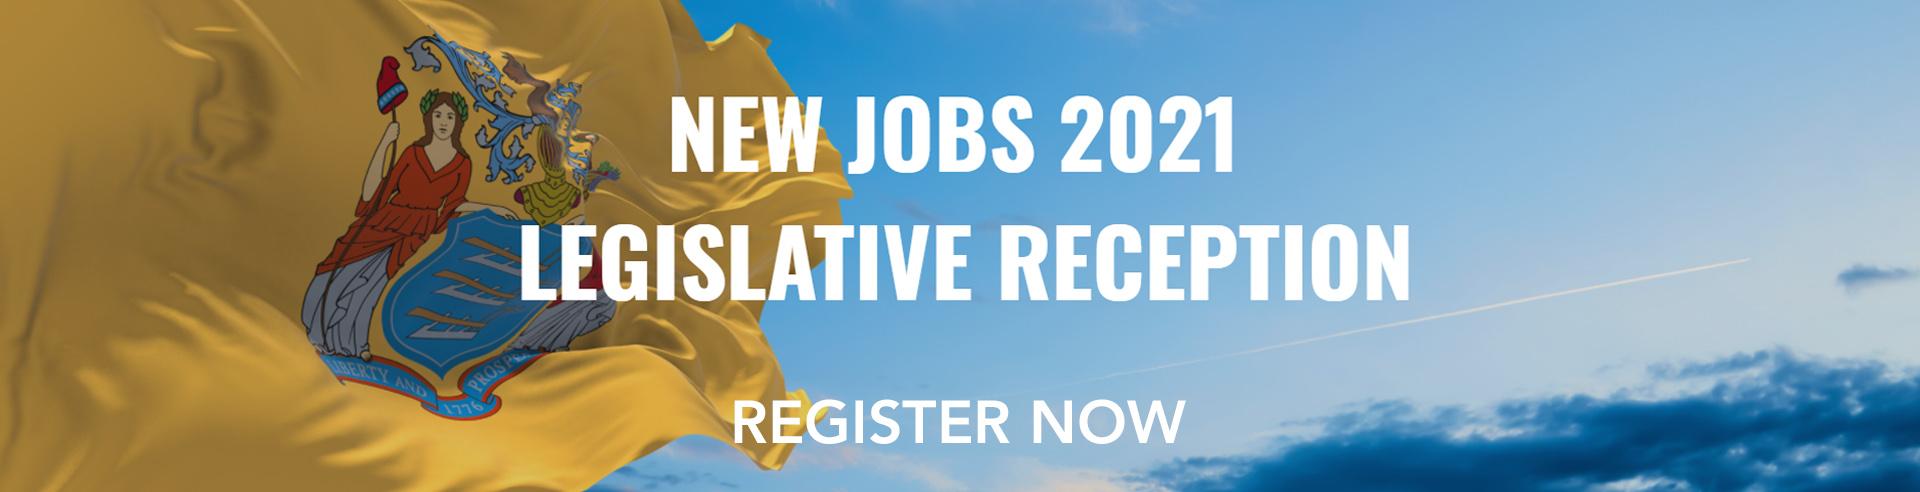 NEW JOBS Legislative Reception